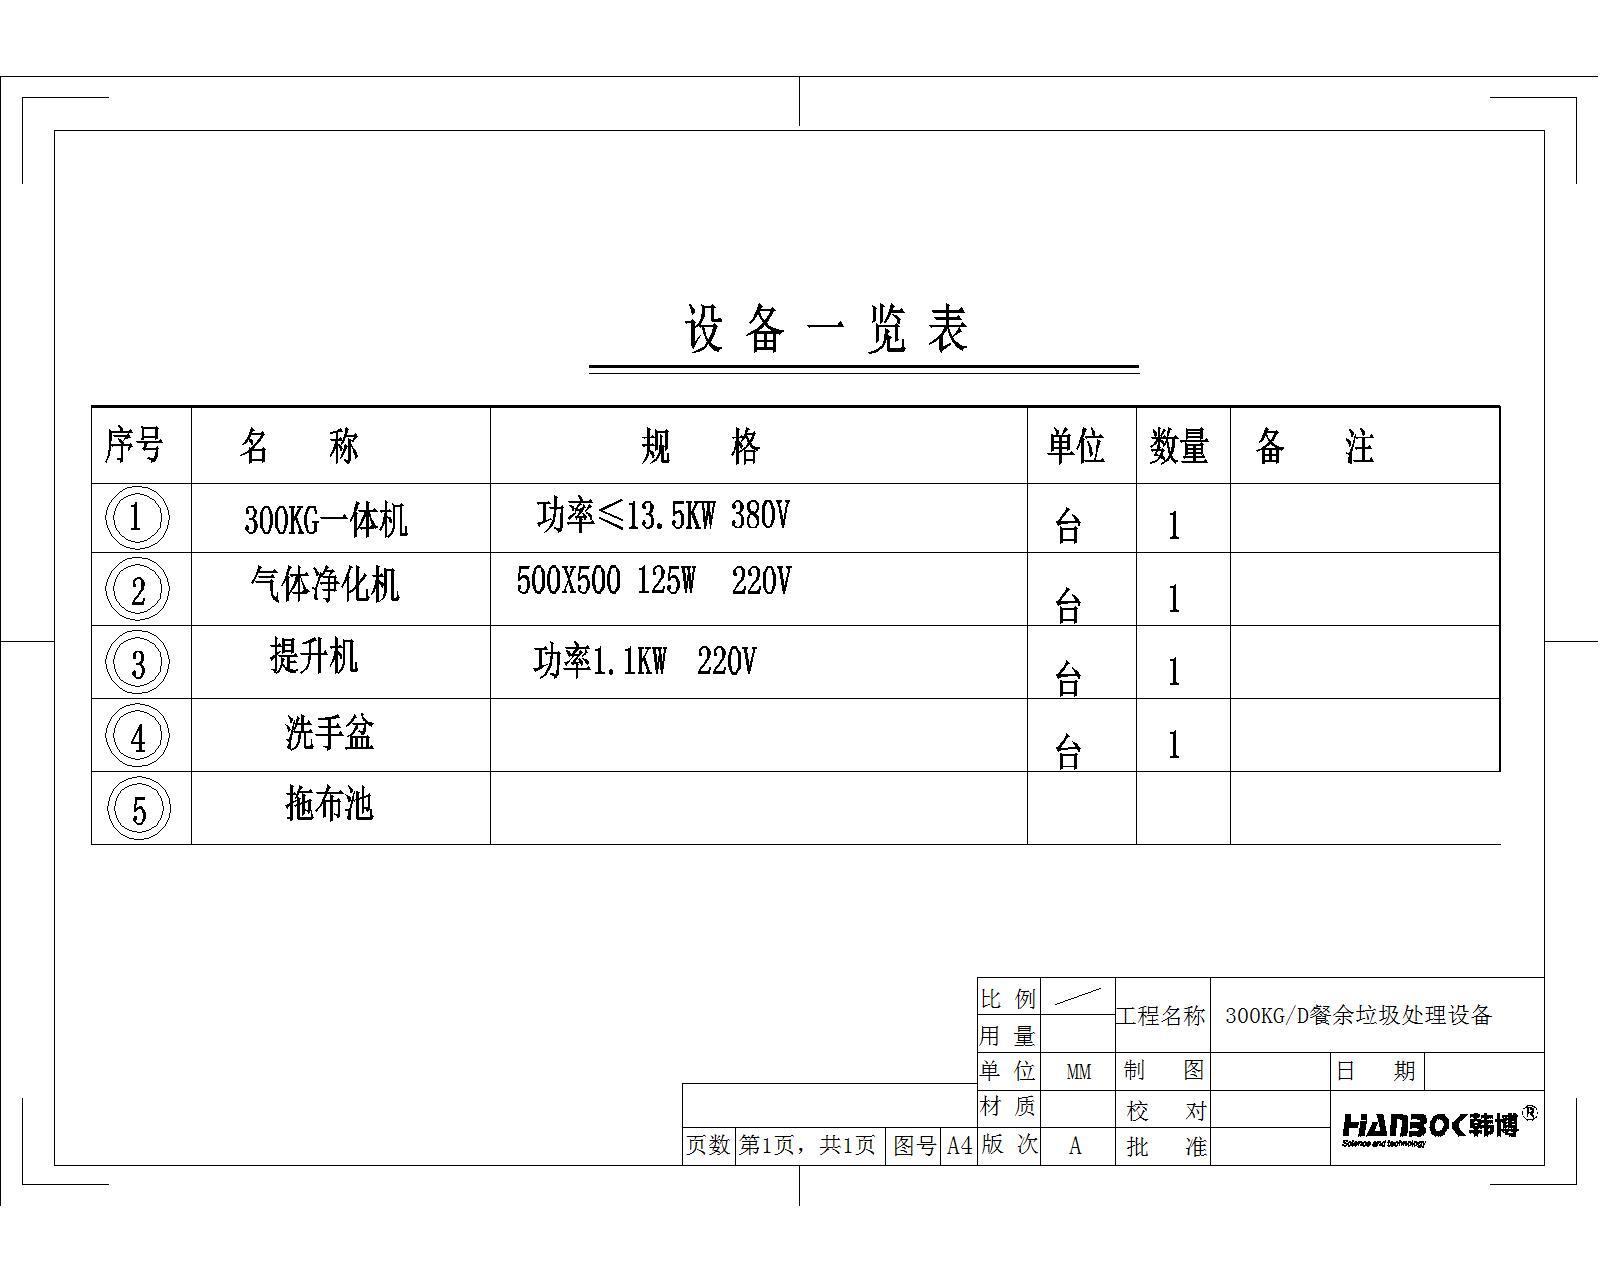 韩博厨余垃圾处理设备一览表1-厨余300